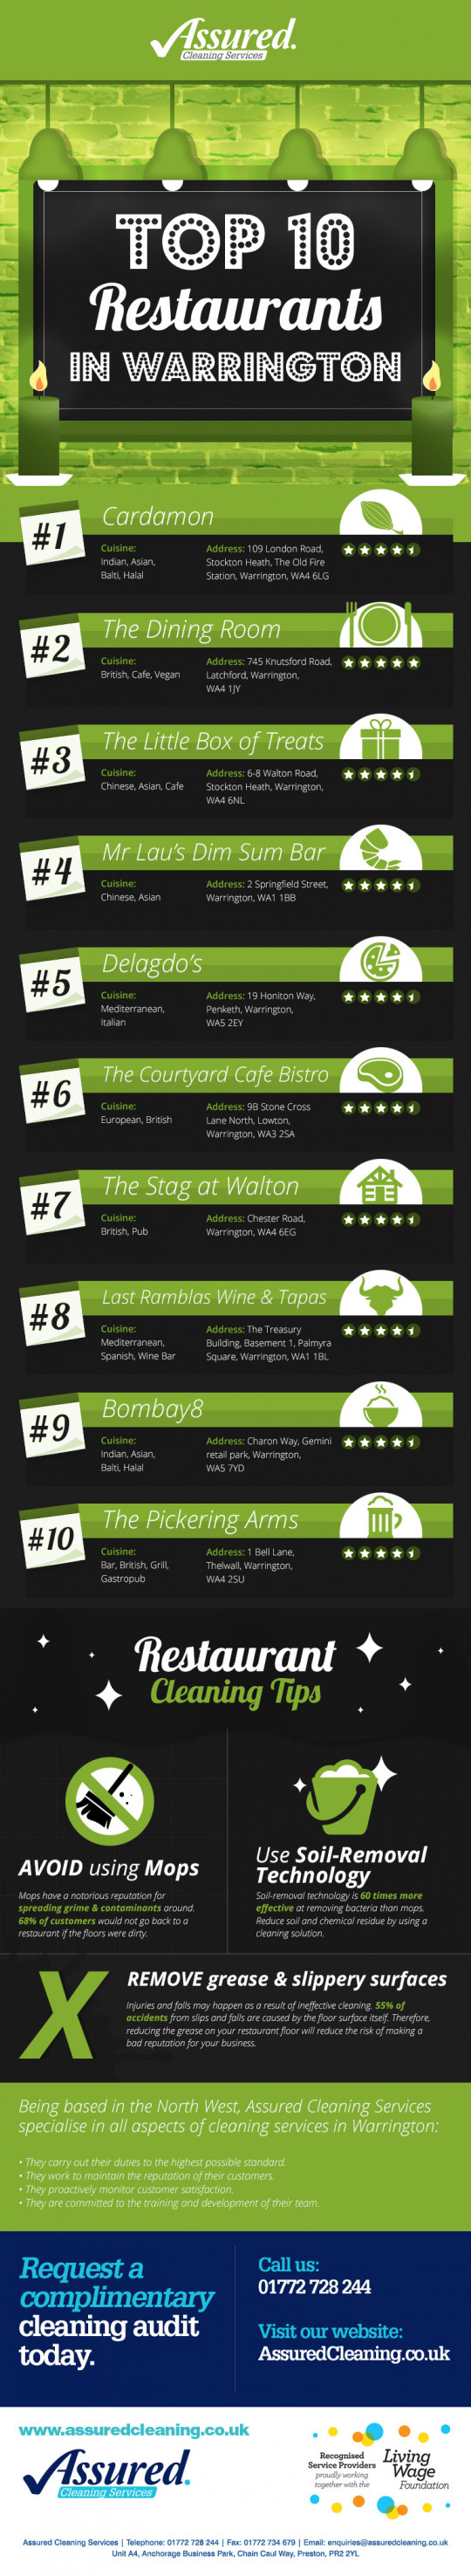 Top 10 Restaurants in Warrington